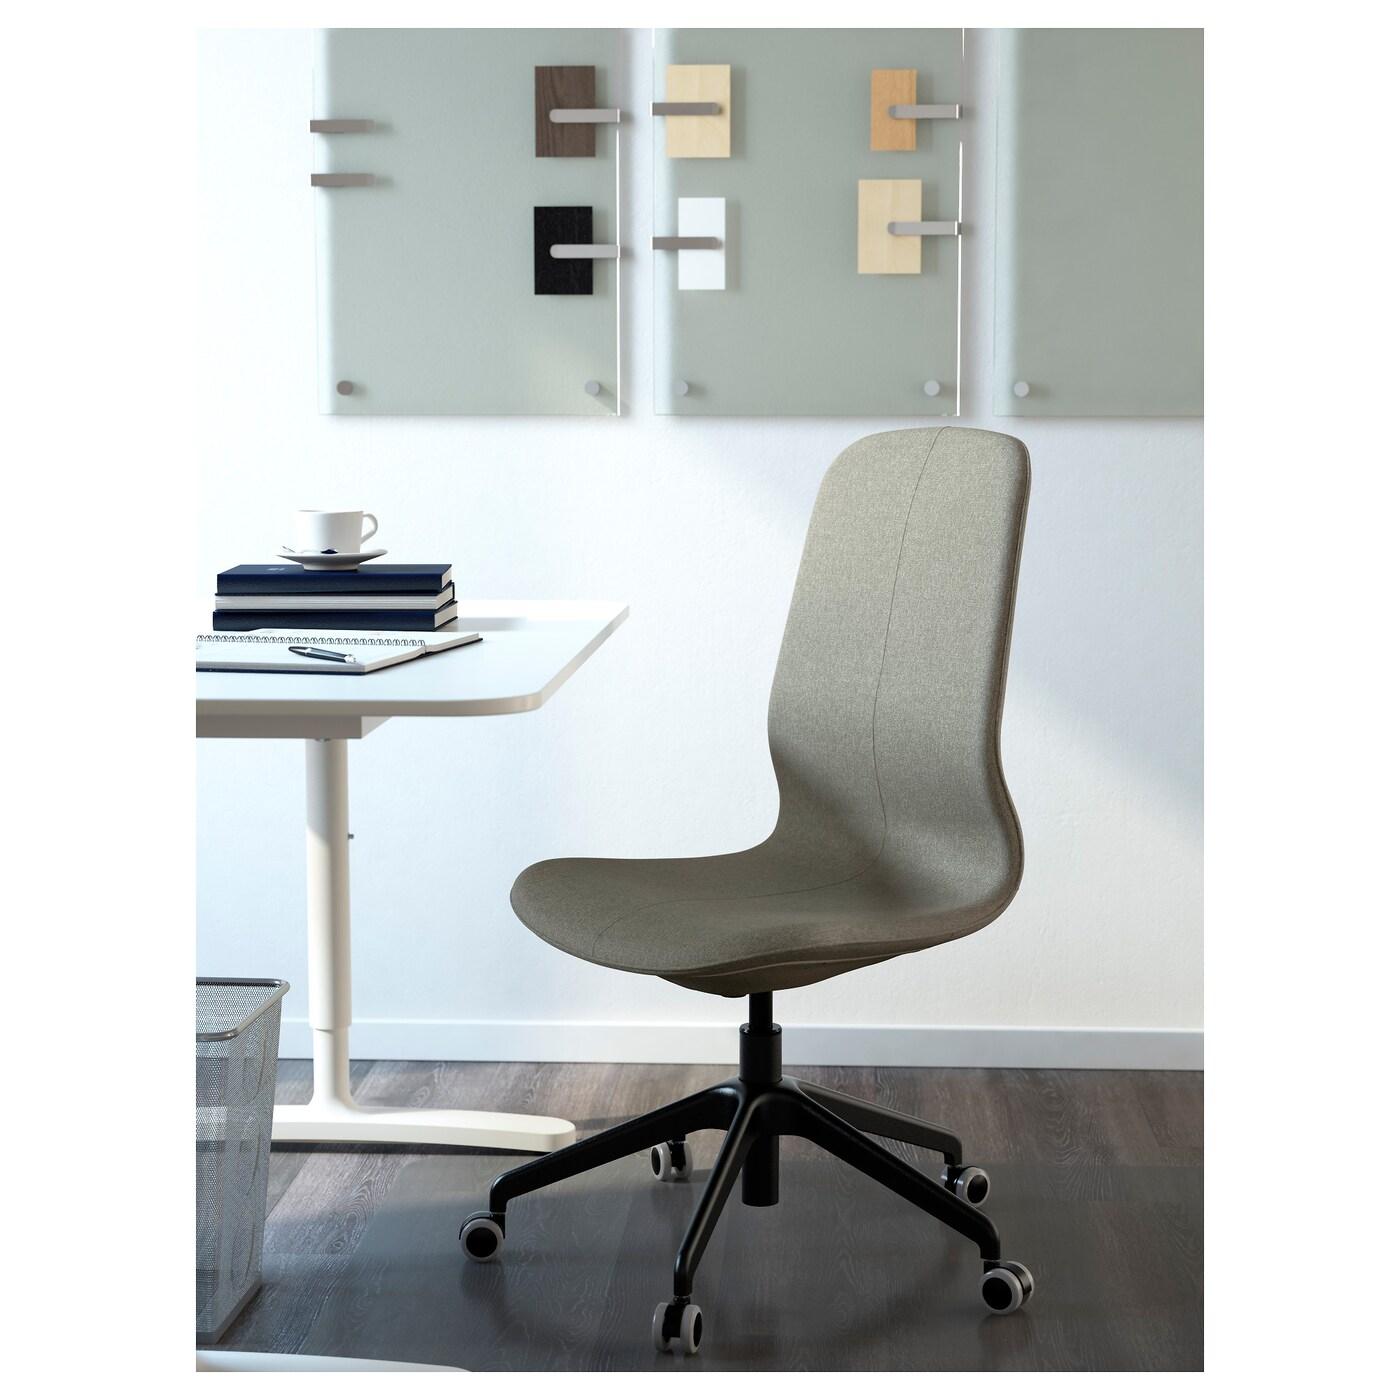 L ngfj ll silla giratoria gunnared verde claro negro ikea - Sillas trabajo ikea ...